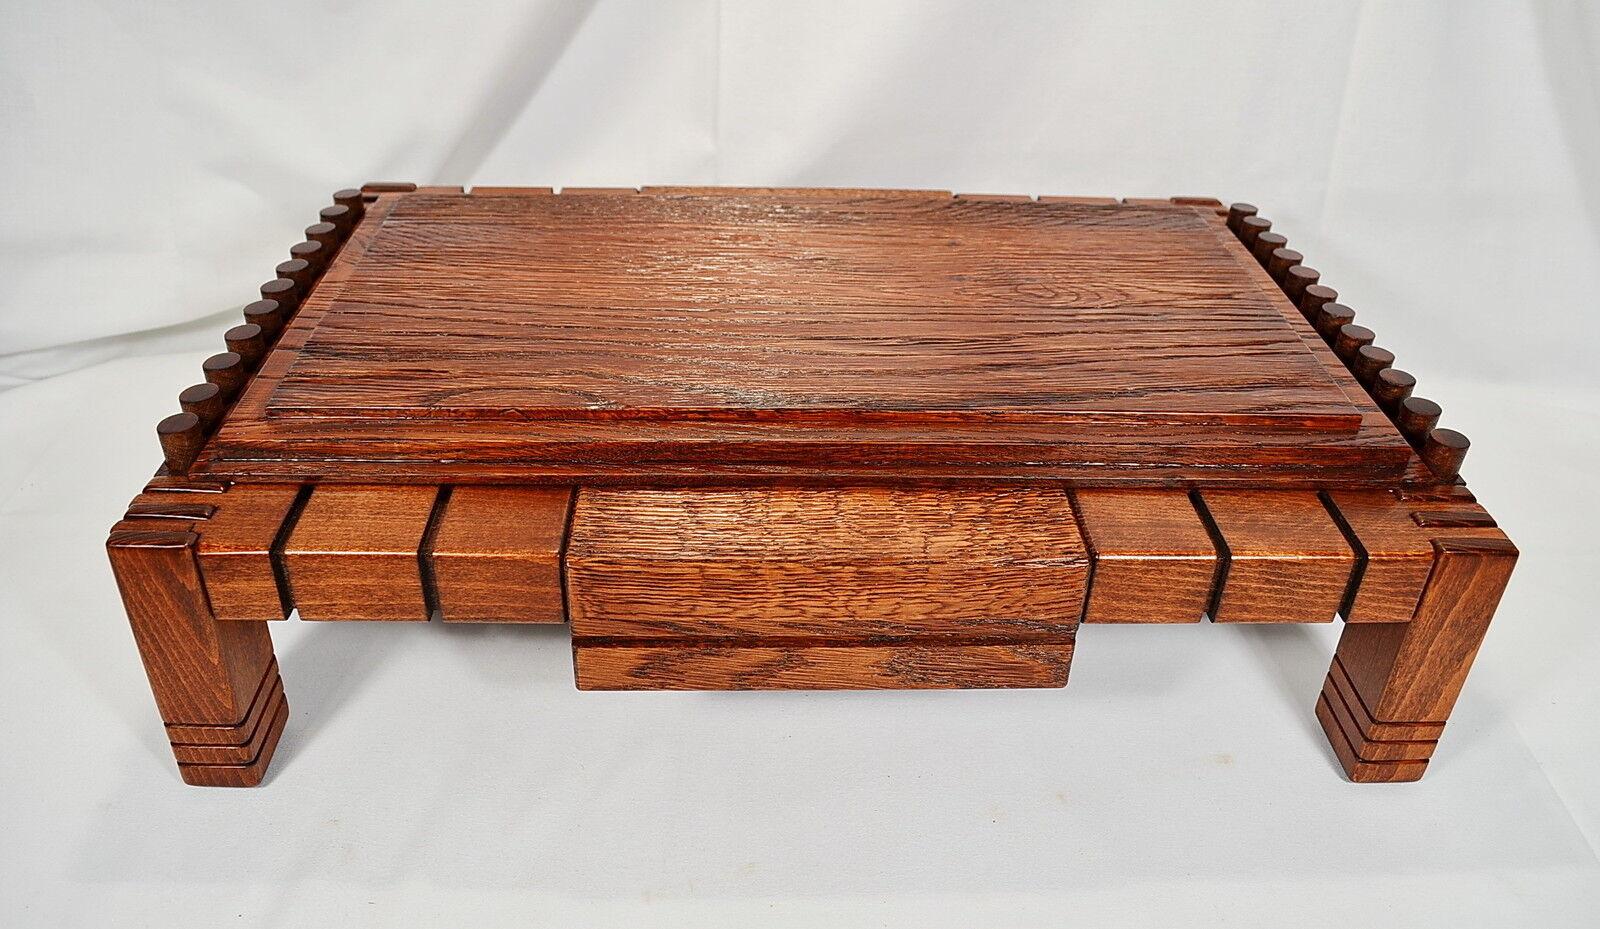 BONSAI tavolo è costituito da due tipi di legno faggio e quercia molto costose, lavoro